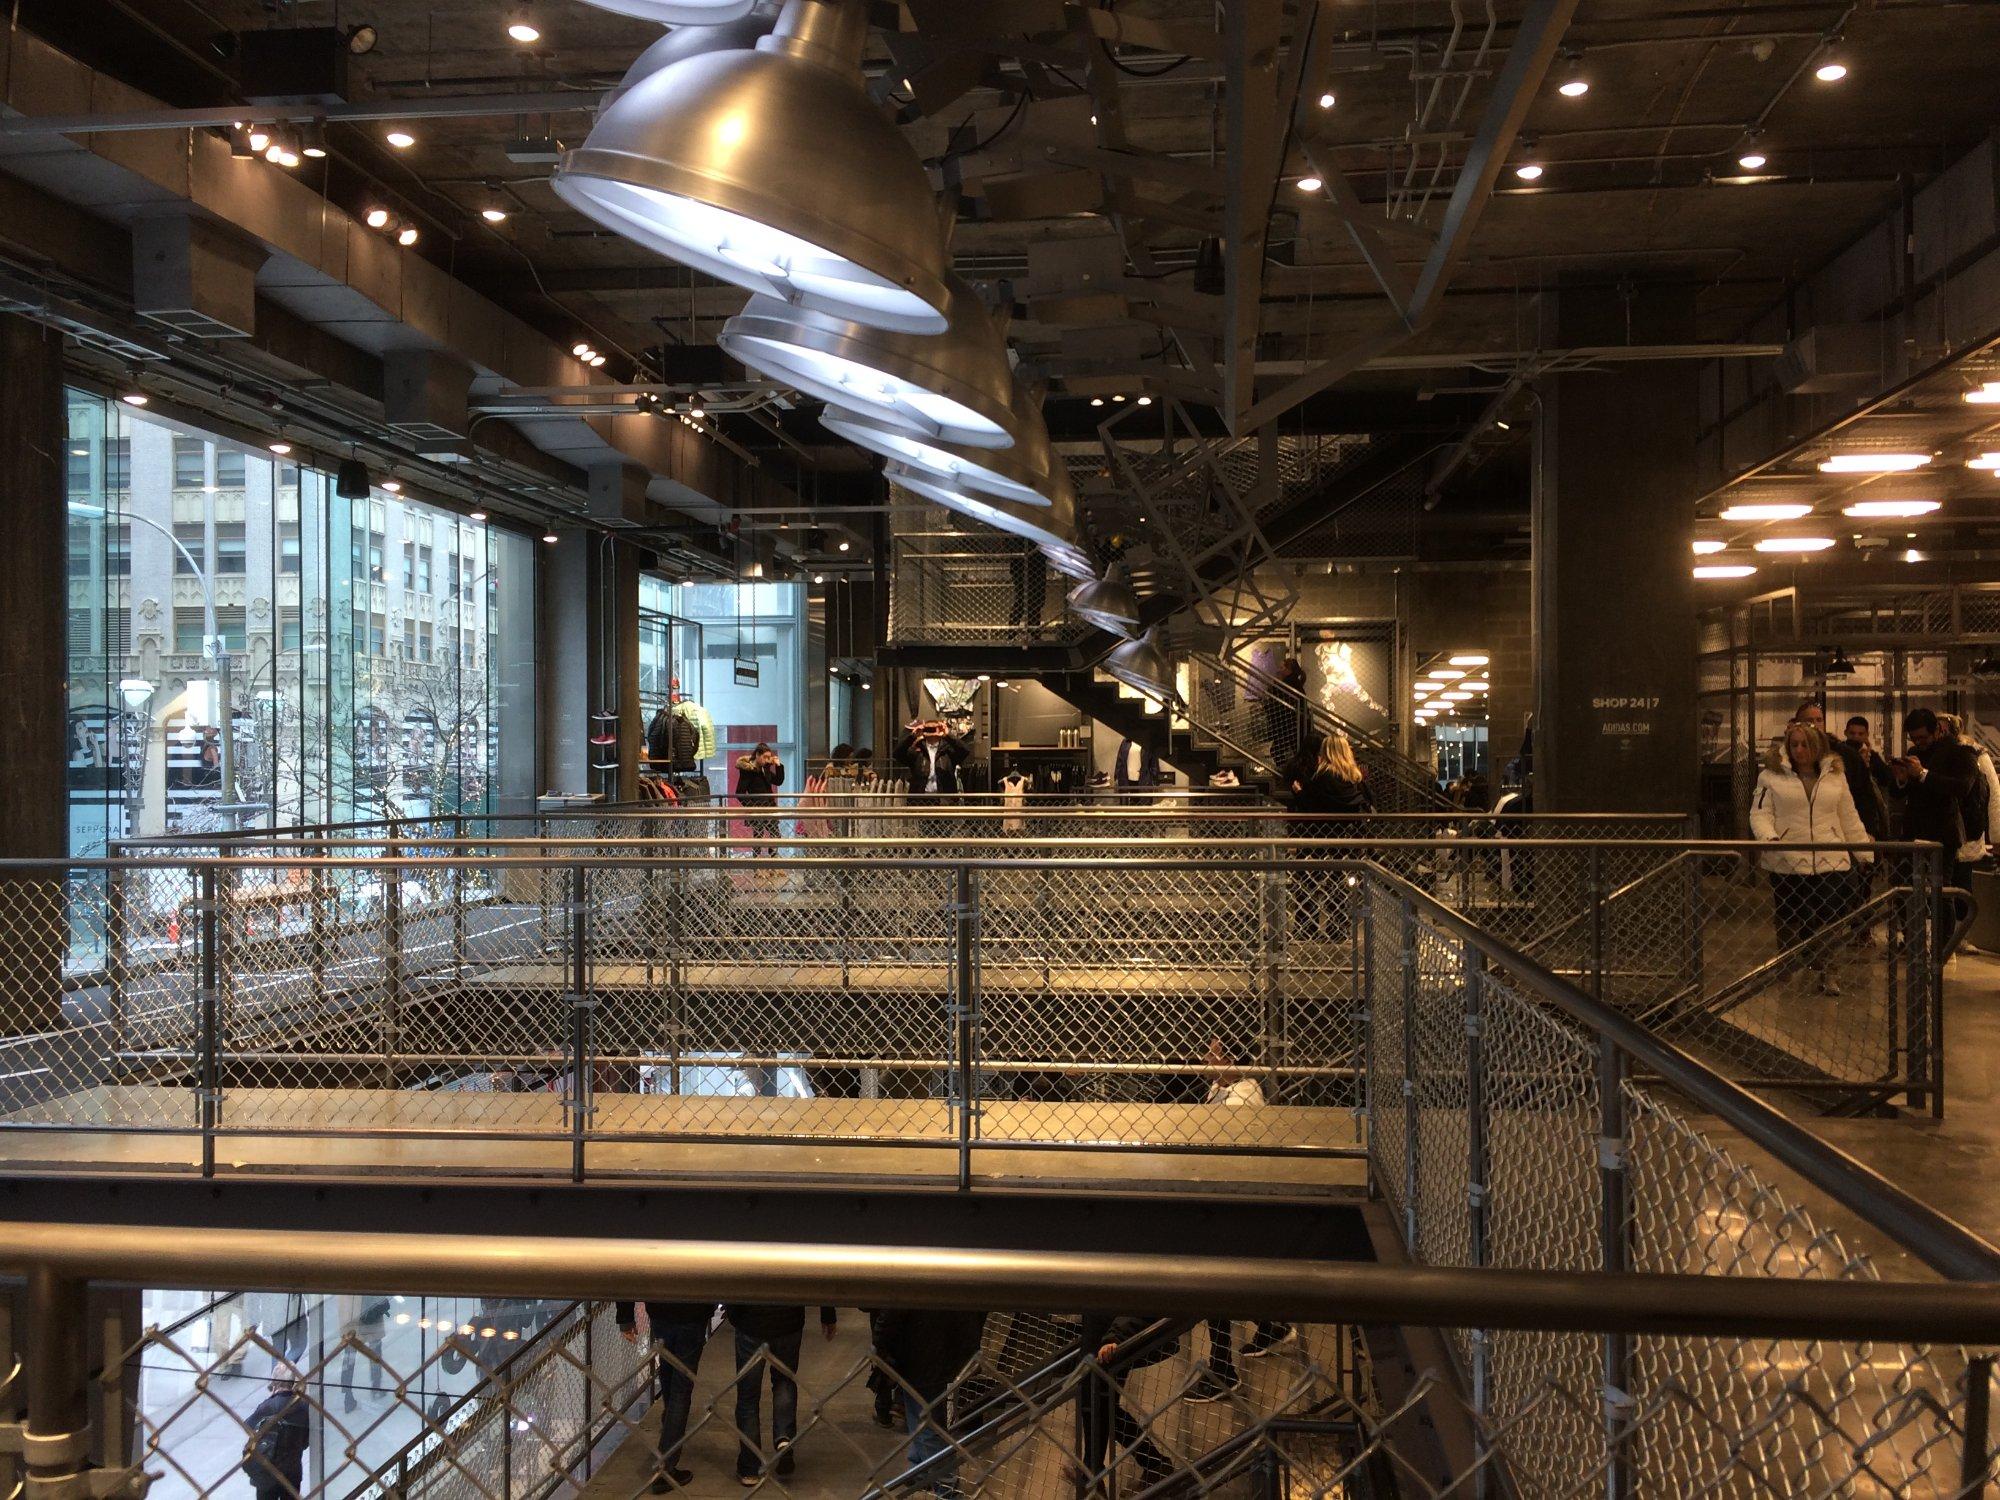 44bb7b3c3 Dando continuidade às visitas técnicas em lojas, desta vez exploramos as  que estão na 5ª Avenida de Nova York, como Hublot, Adidas, NBA Store,  Timberland e ...